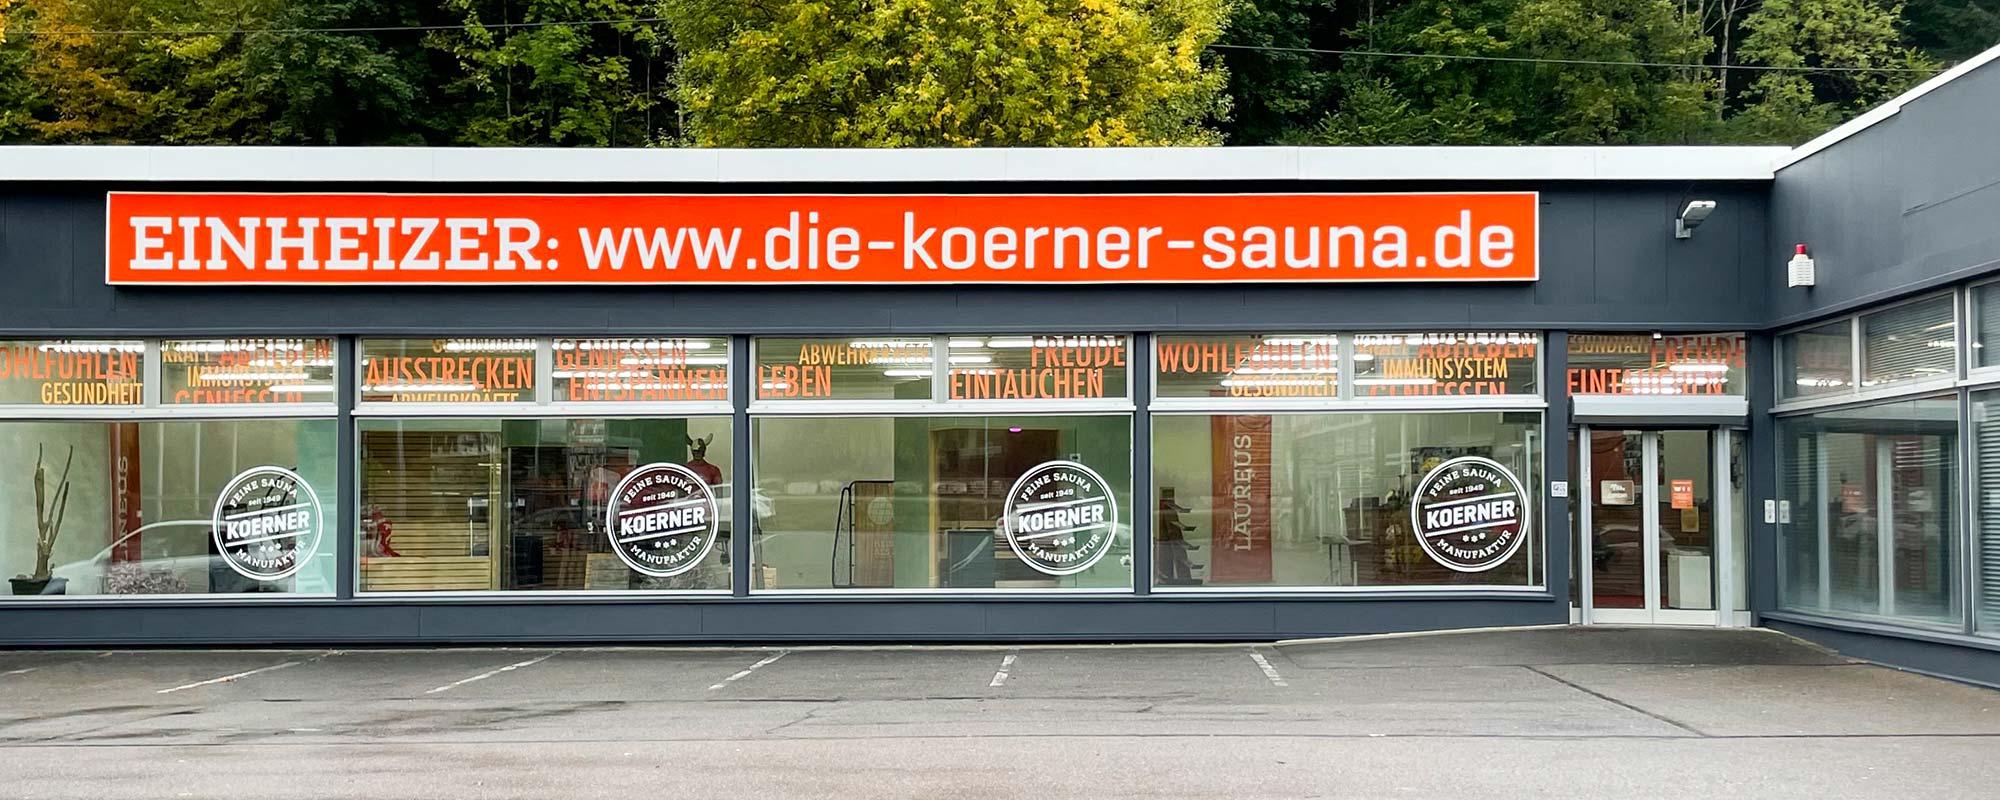 KOERNER Sauna Ausstellung und Showroom